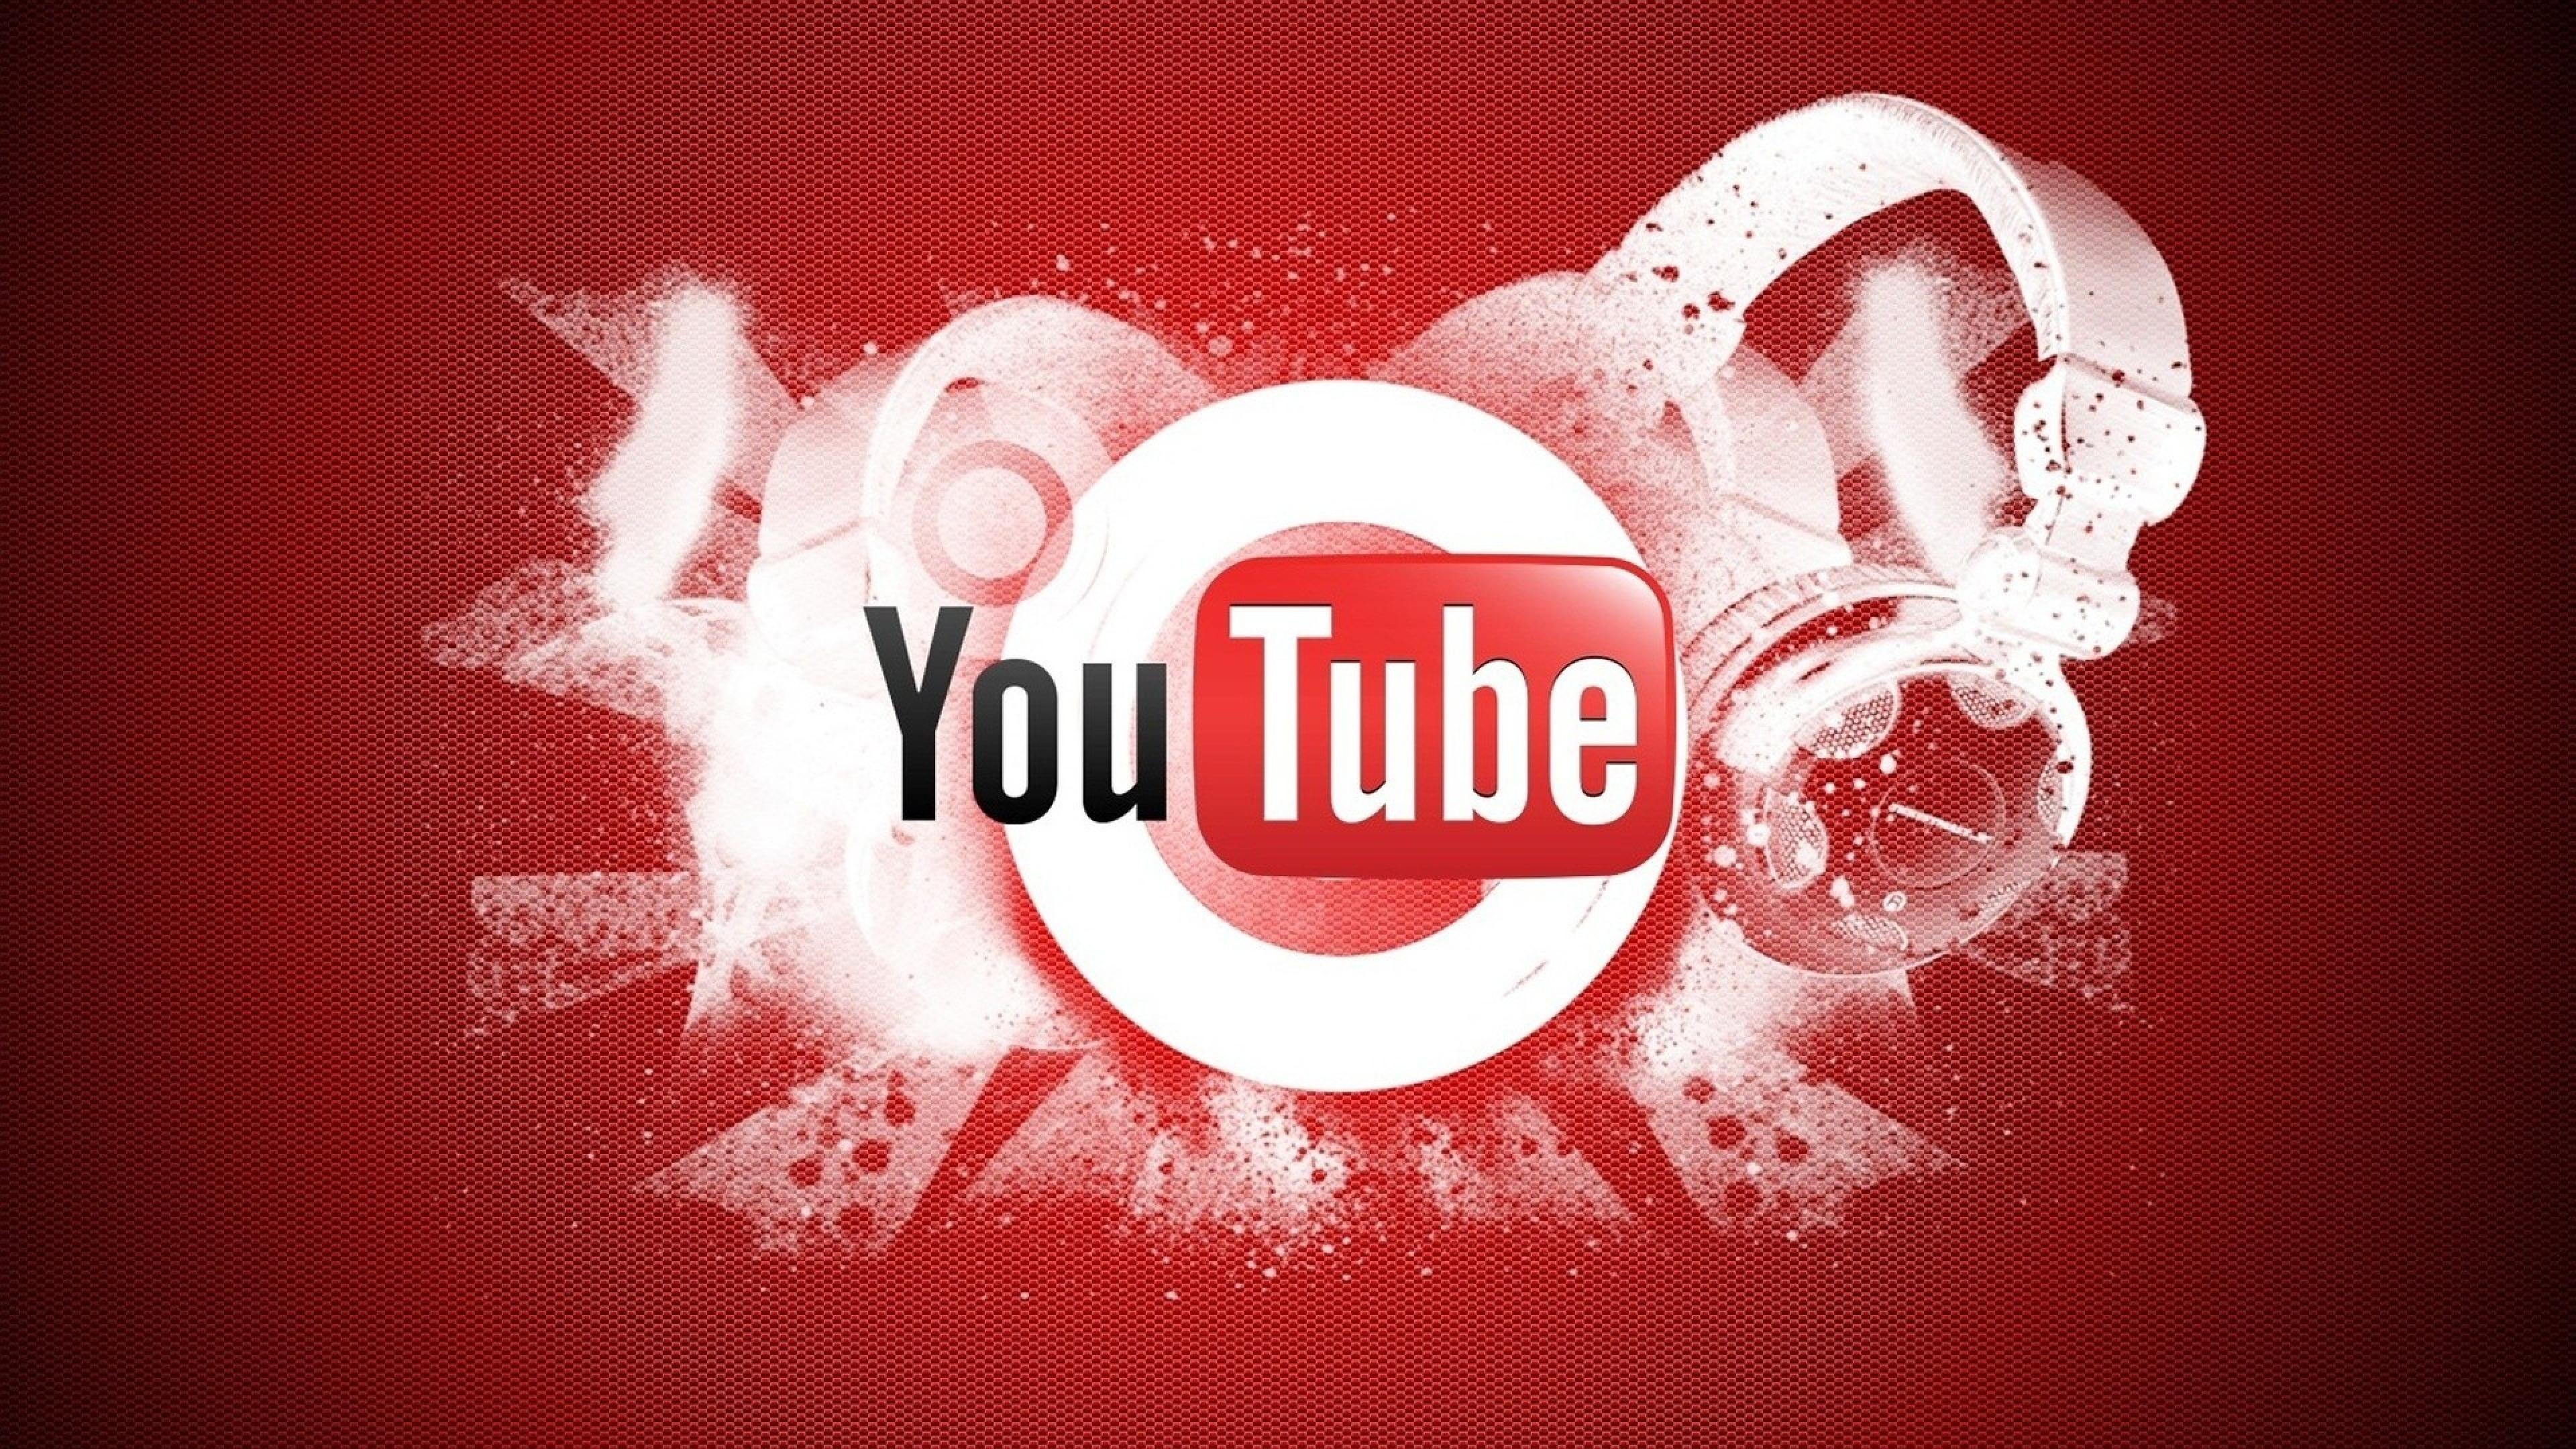 YouTube Android Uygulamasında Videolar Artık Daha Net için yapılan yorumlar.